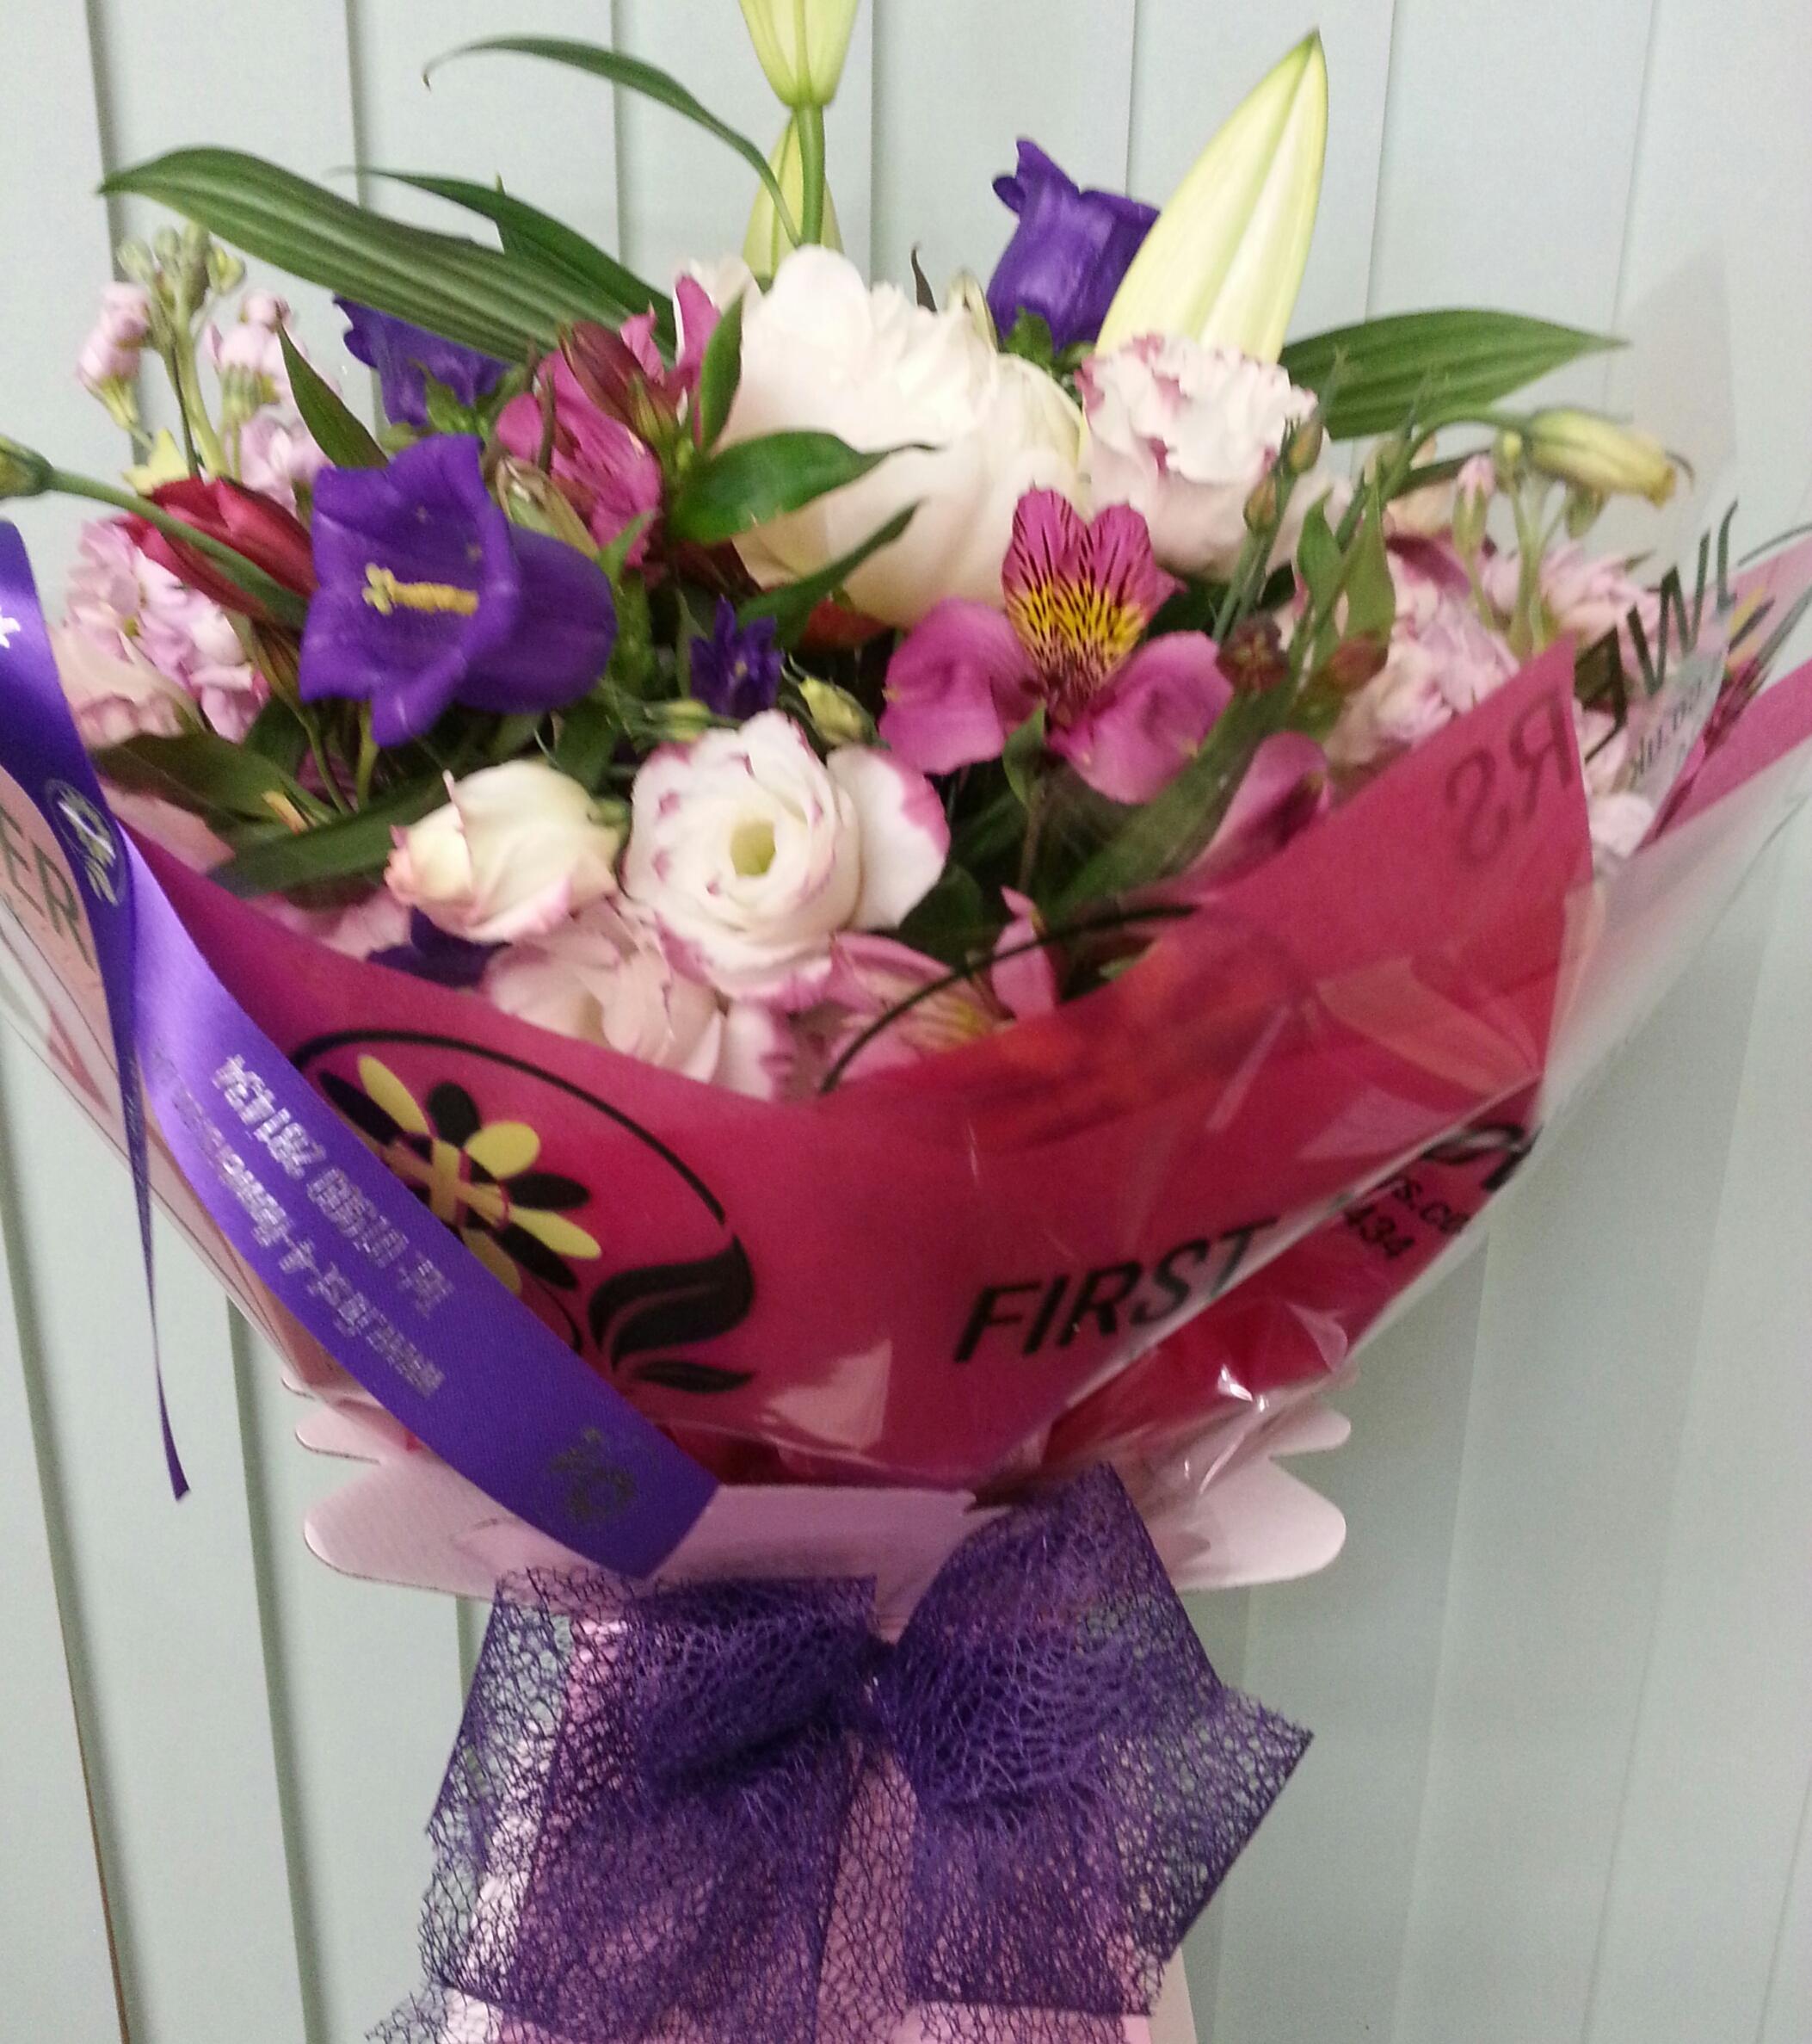 First 4 Flowers bouquet